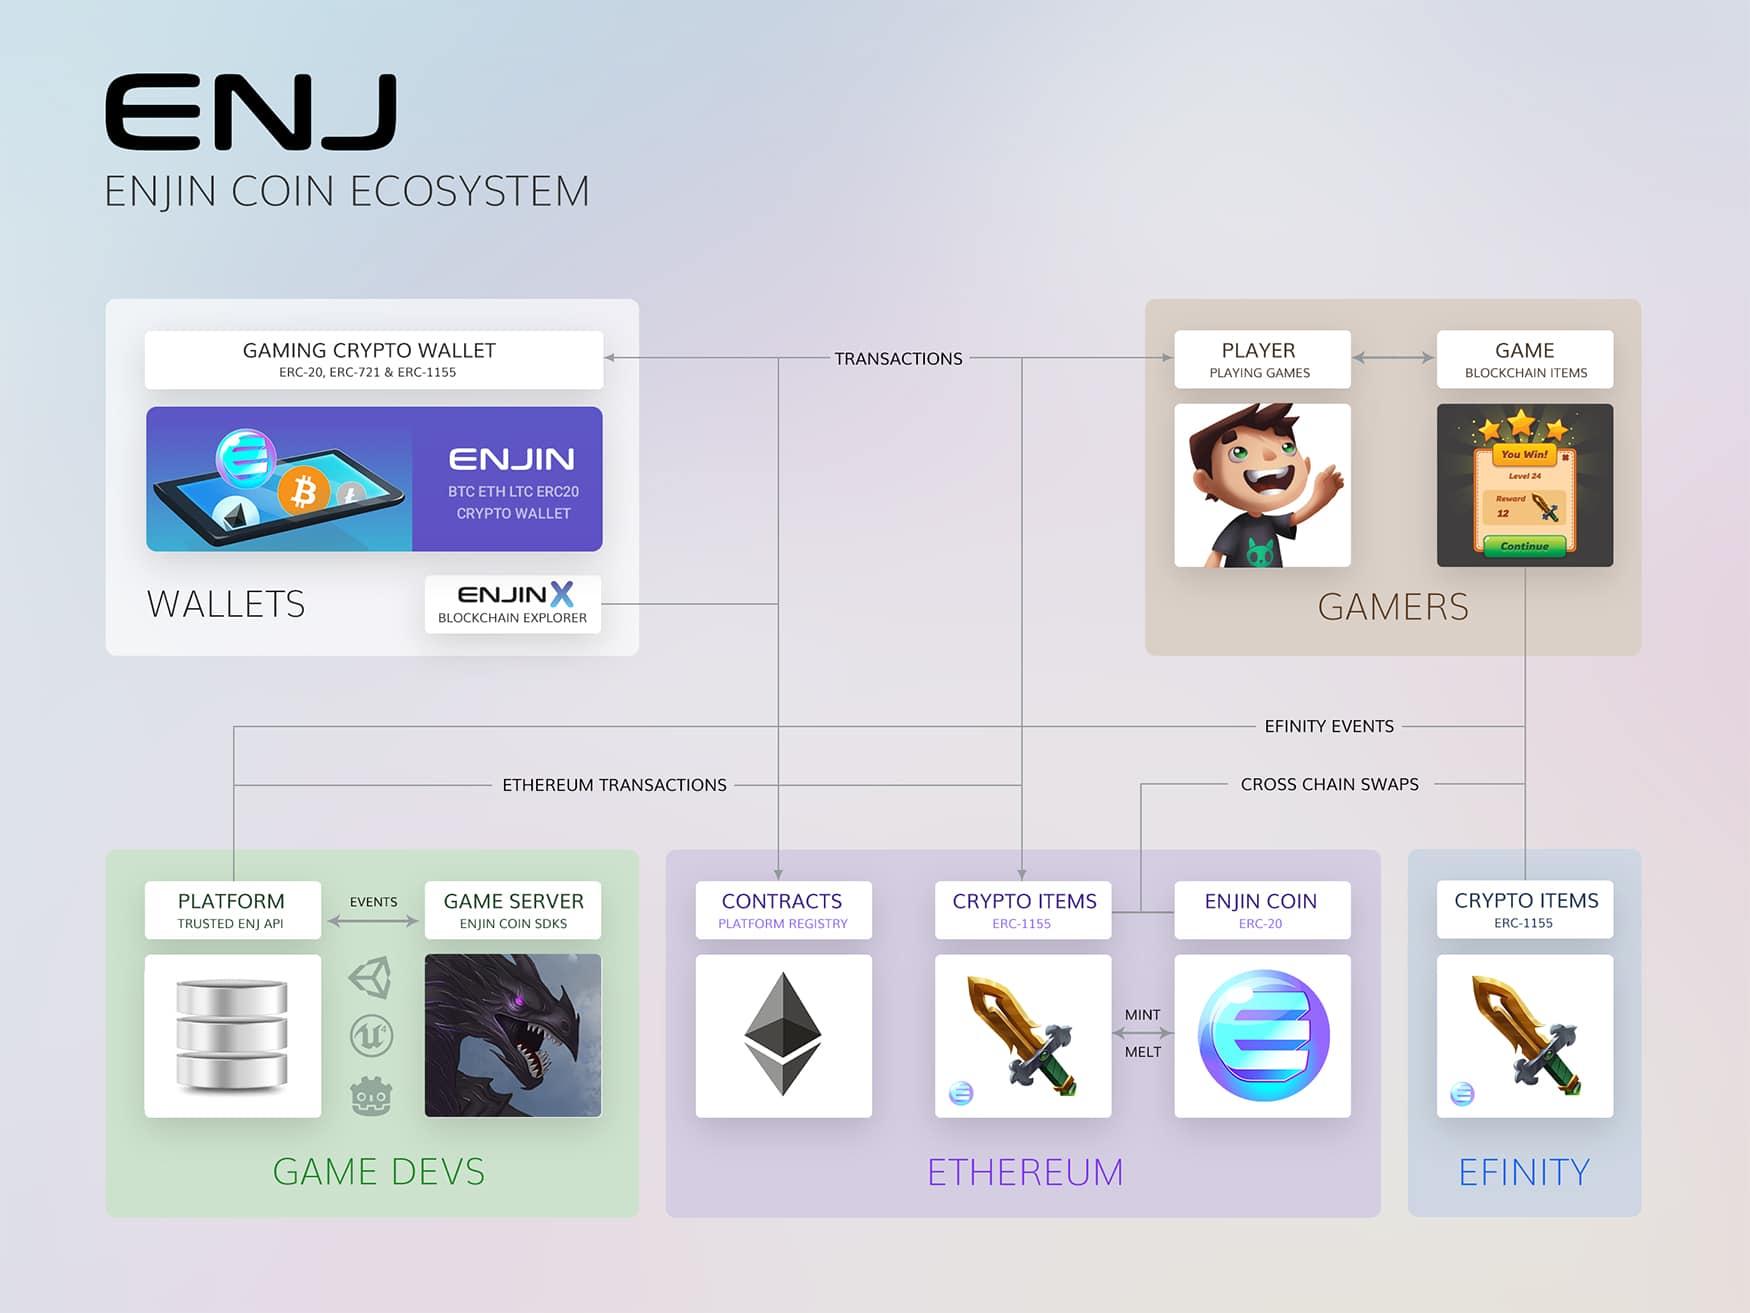 enj-ecosystem